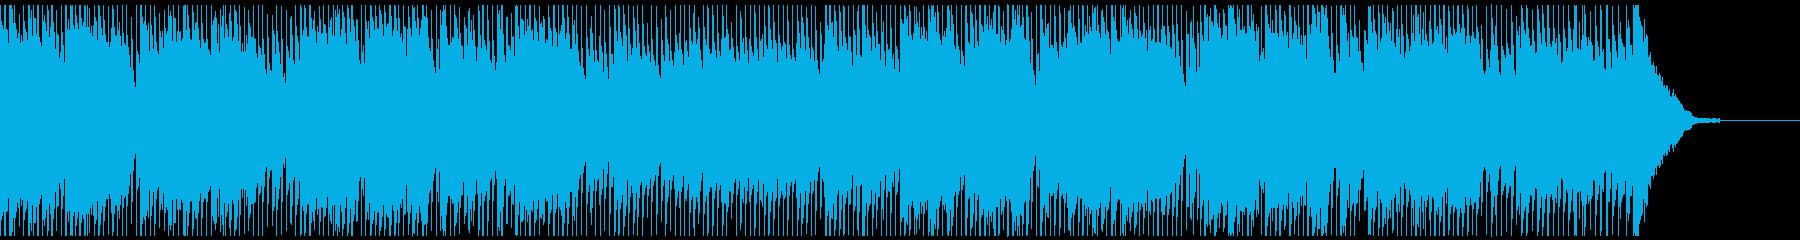 日本昔ばなし風のどこか寂しく温かいBGMの再生済みの波形